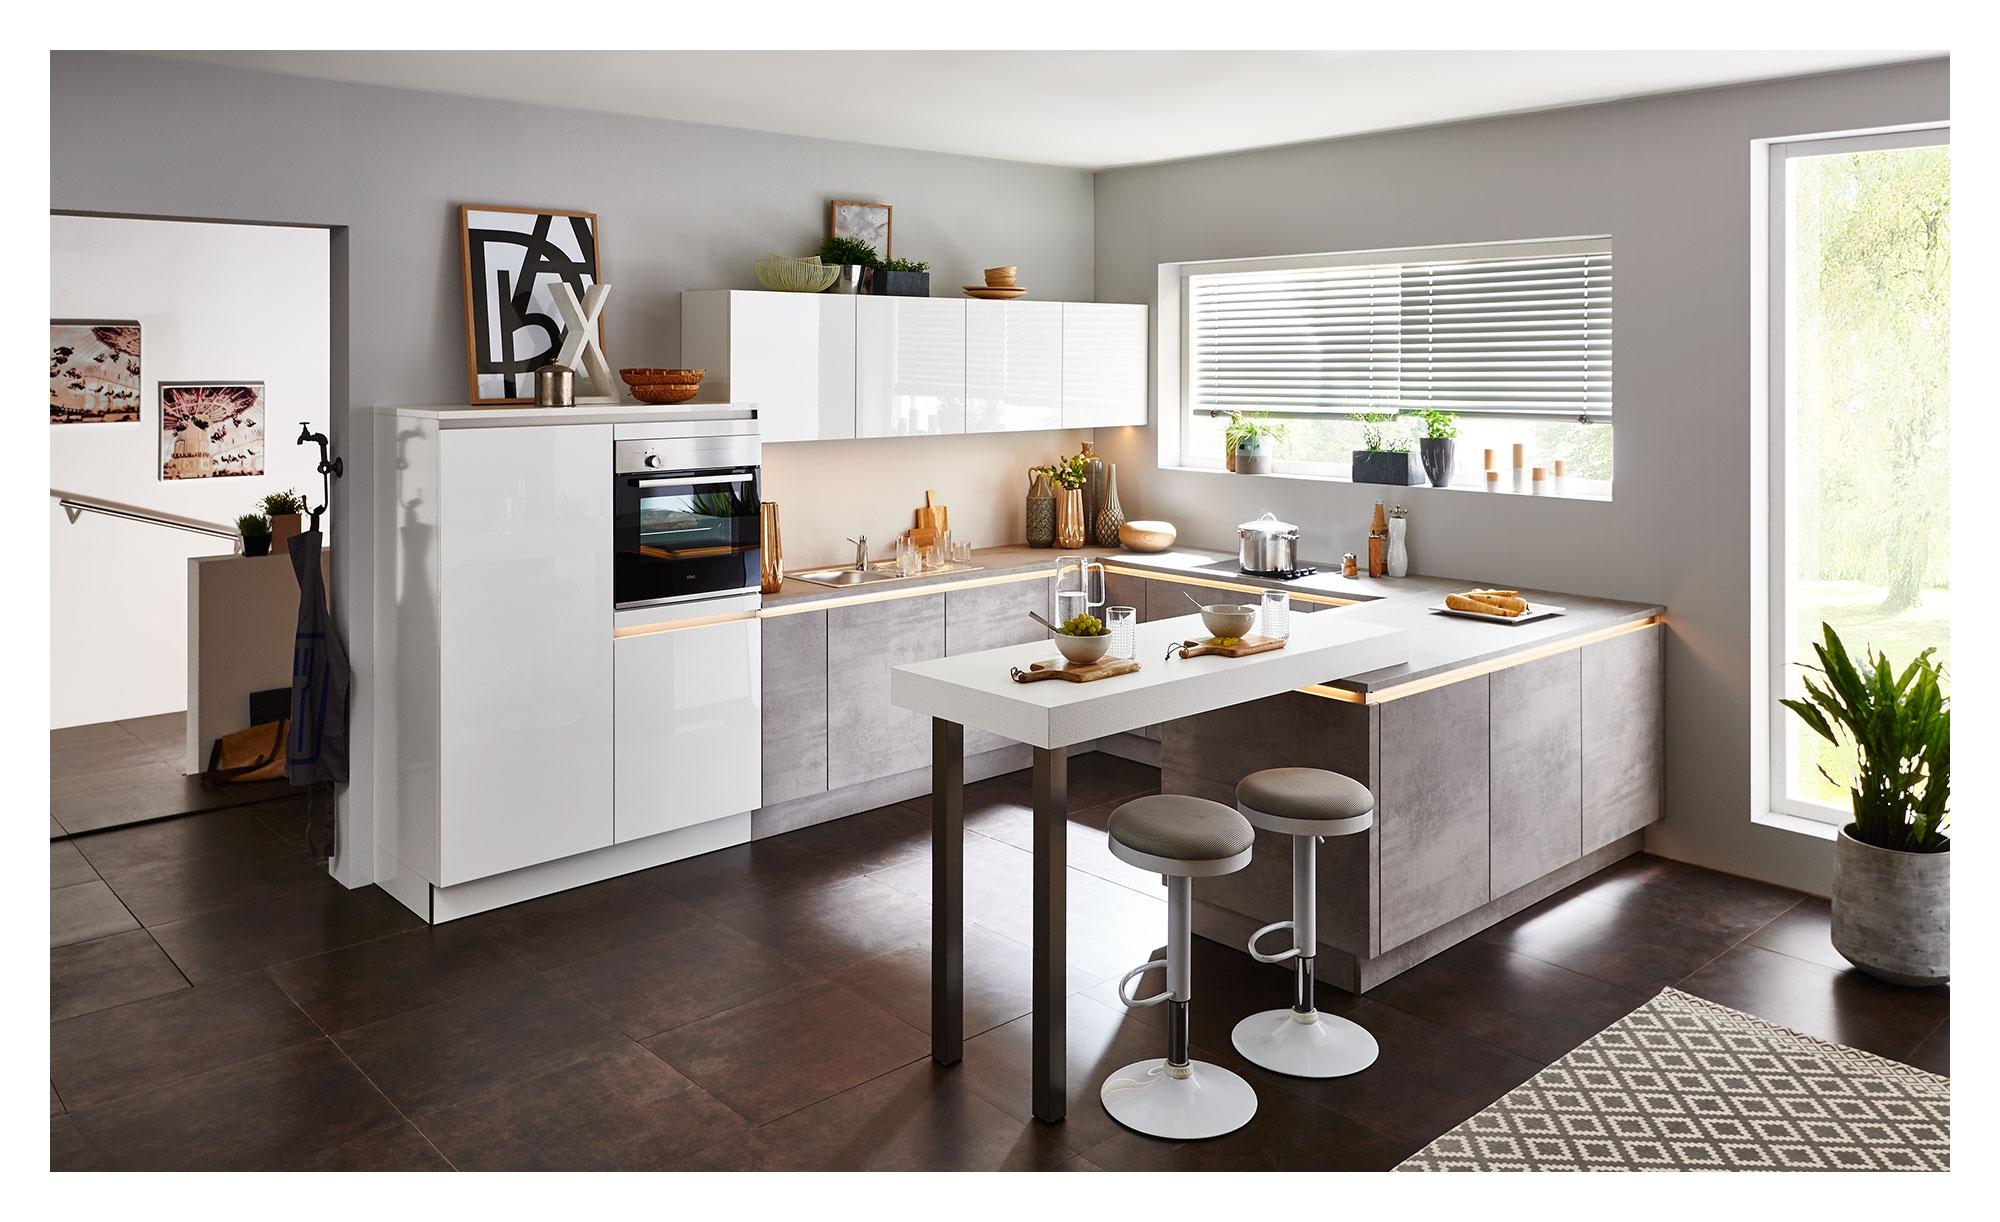 Nolte Wohnküche Lux/Stone – bei Möbel Heinrich kaufen!